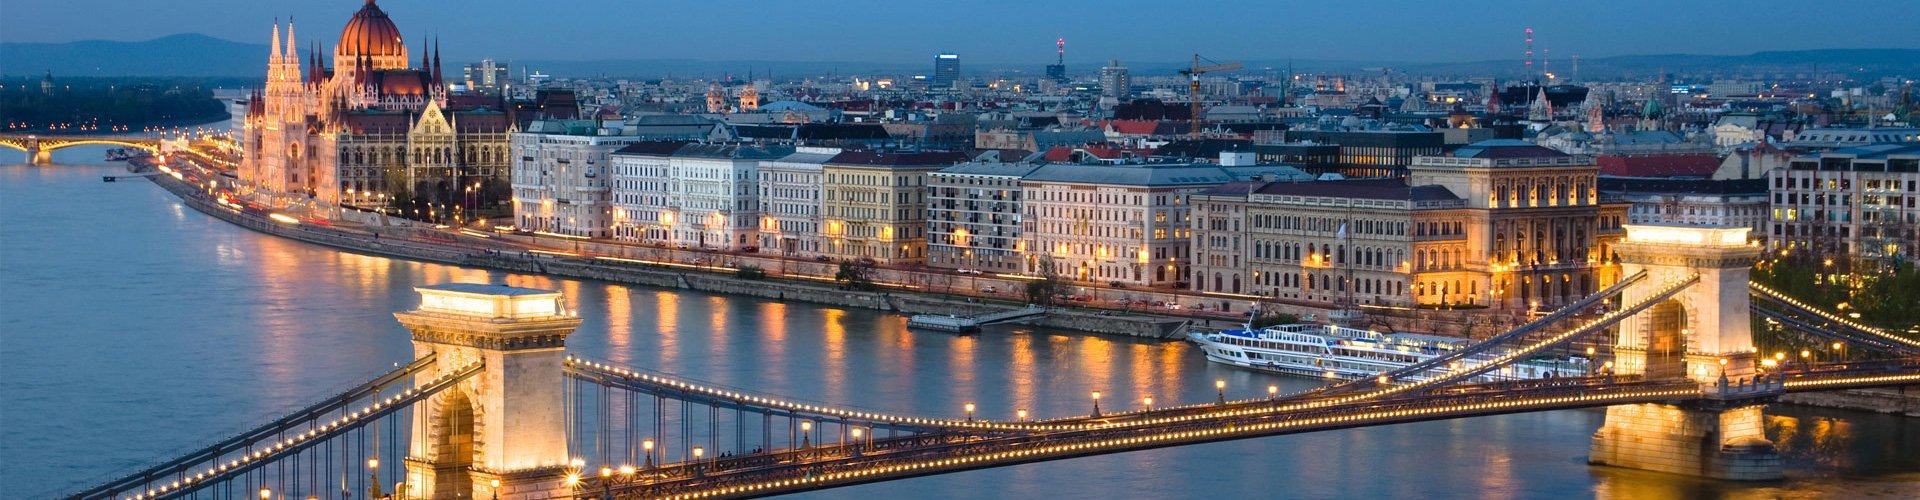 Budapest Parlament sé Lánchíd látkép slider